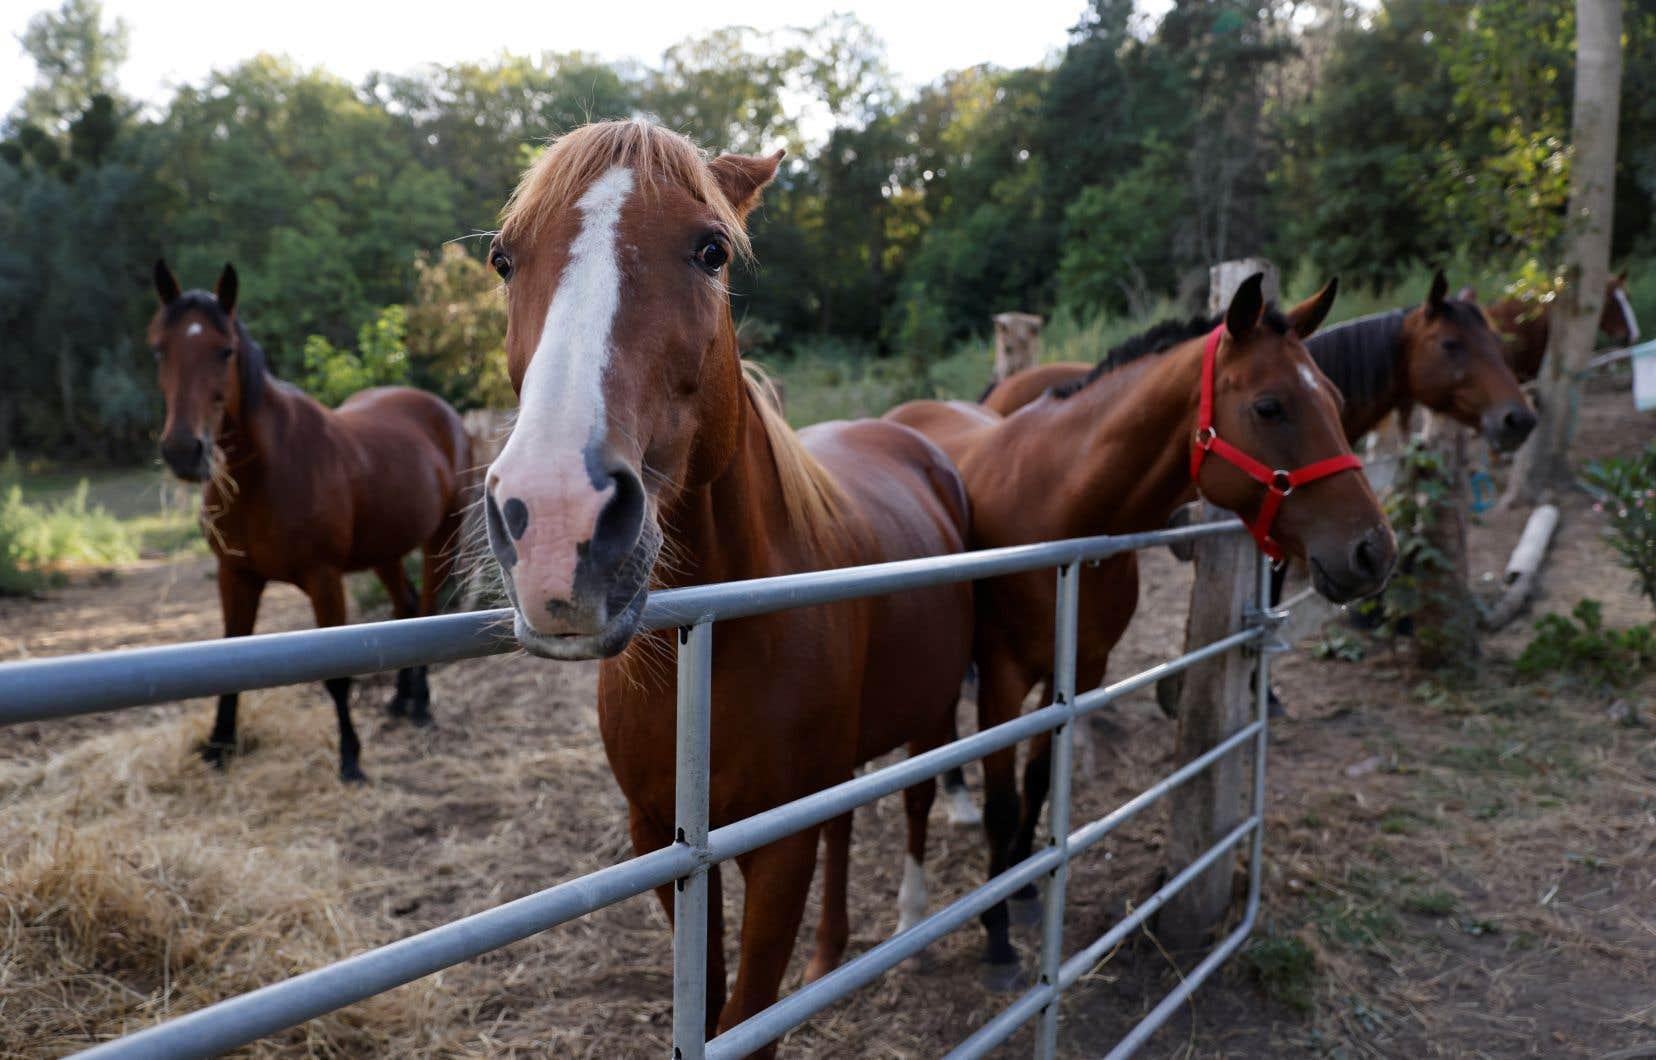 Depuis plusieurs mois, des chevaux et des poneys sont victimes de mutilations dans une vingtaine de départements français, selon les enquêteurs de la gendarmerie.